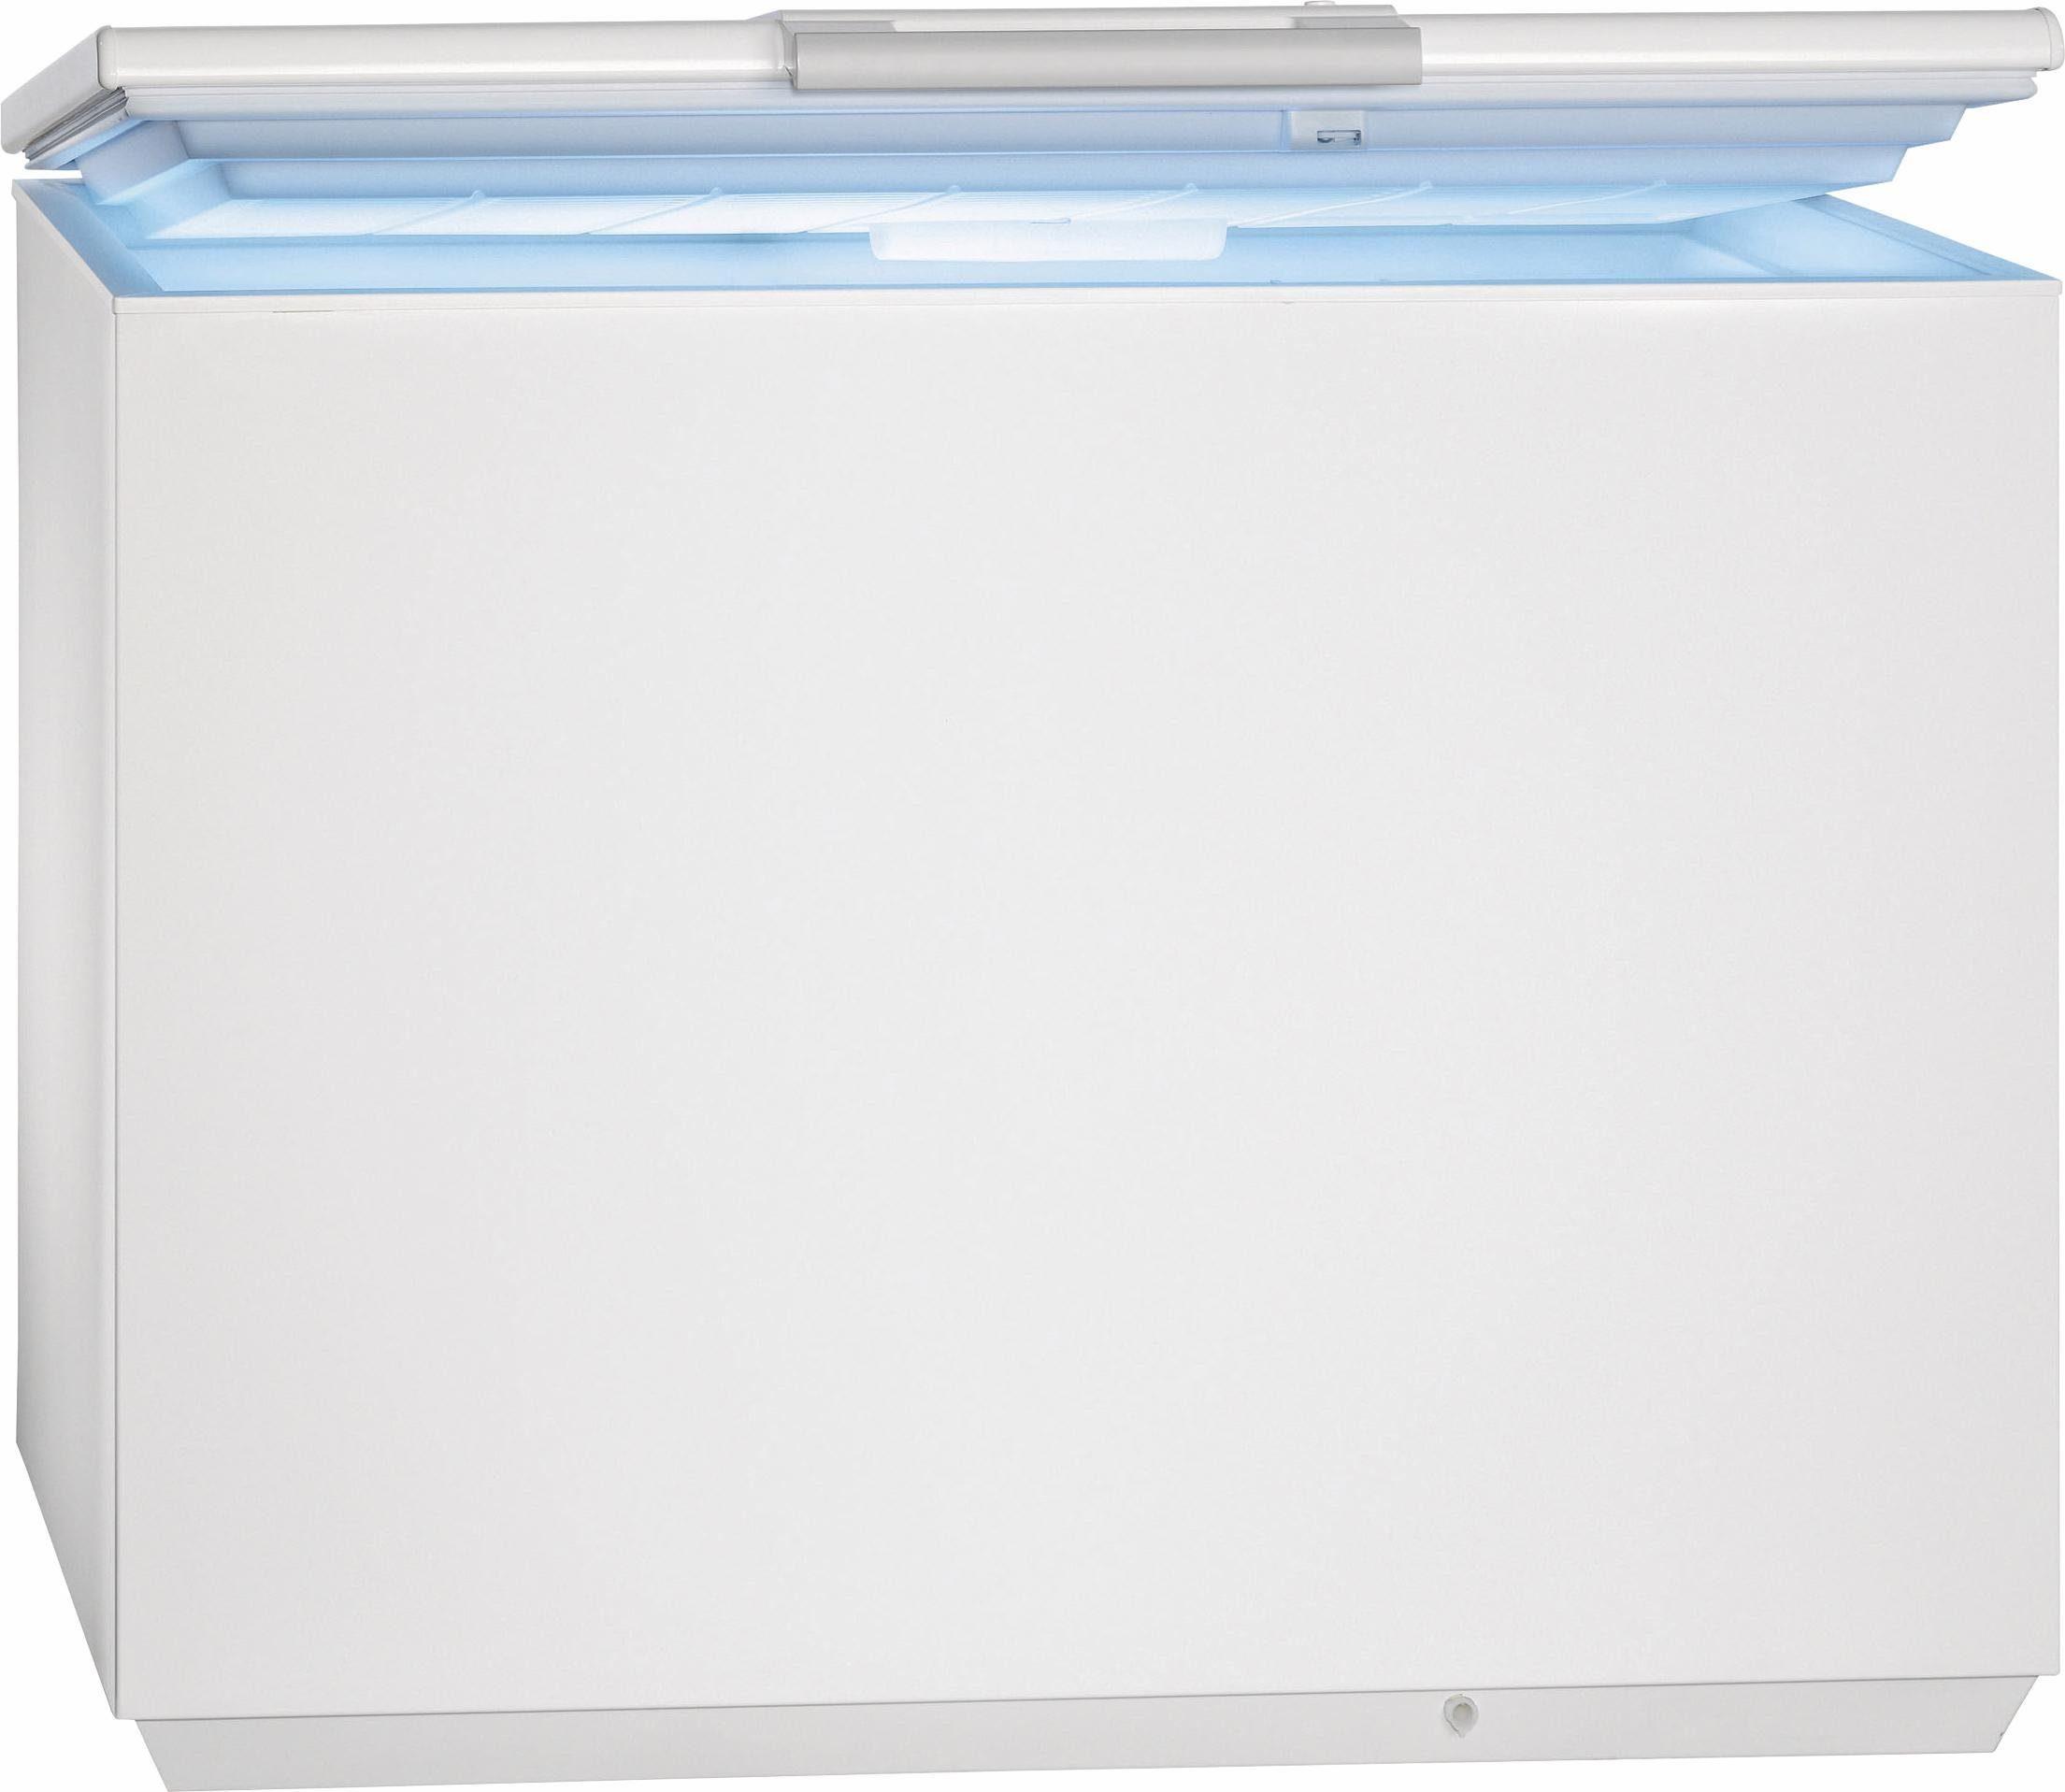 AEG Gefriertruhe A62300HLW0, A++, 105 cm breit